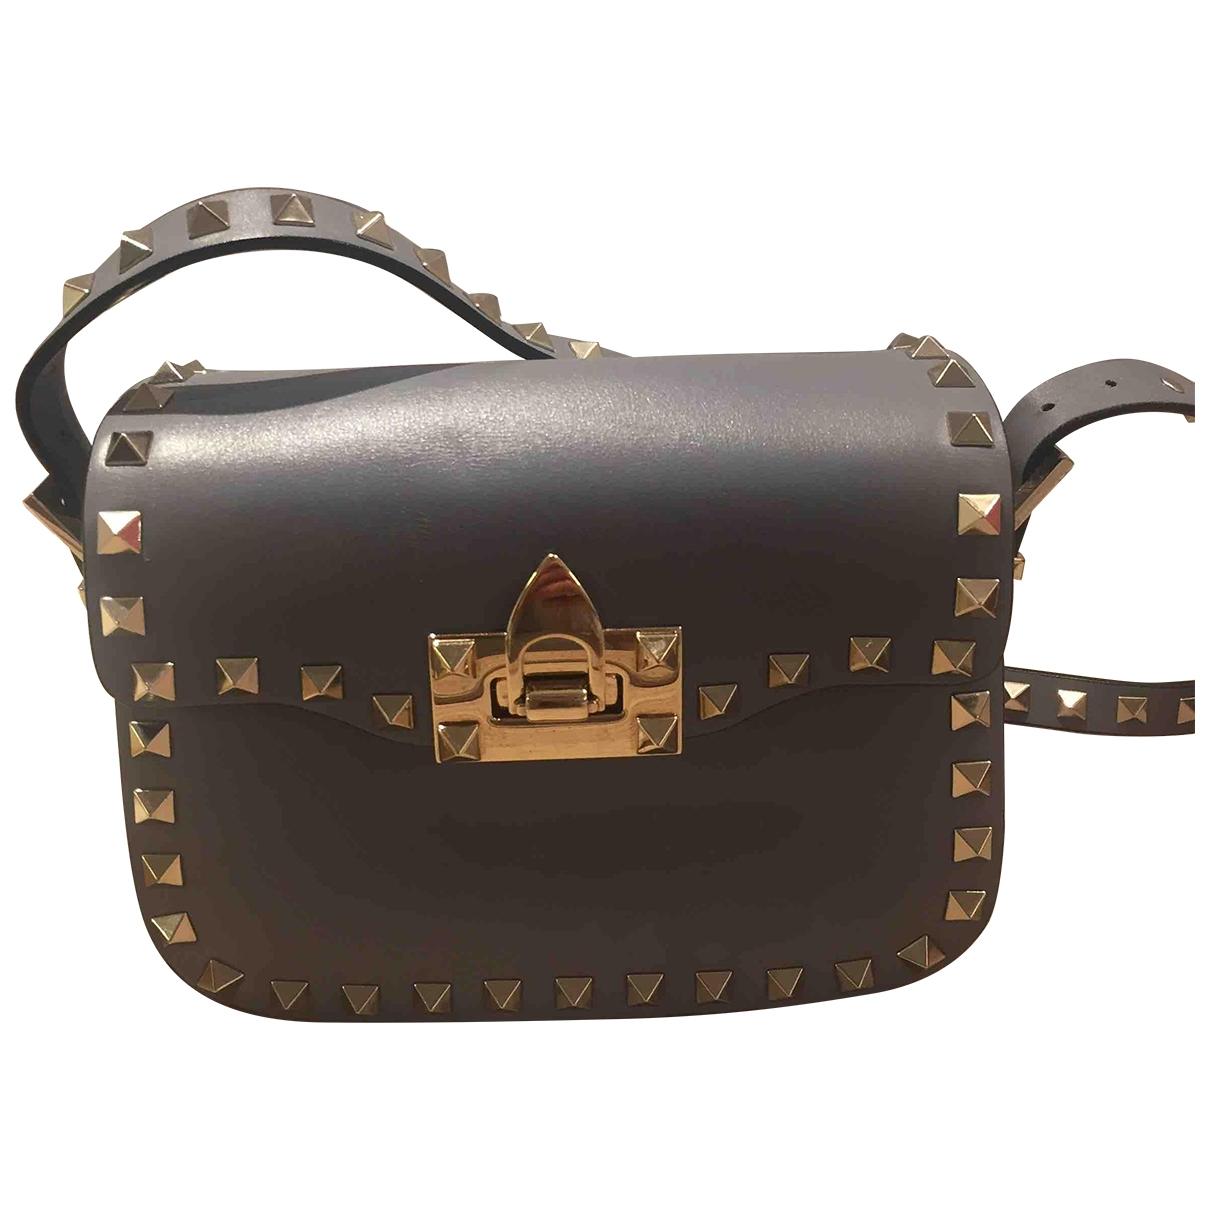 Valentino Garavani Rockstud Handtasche in Leder